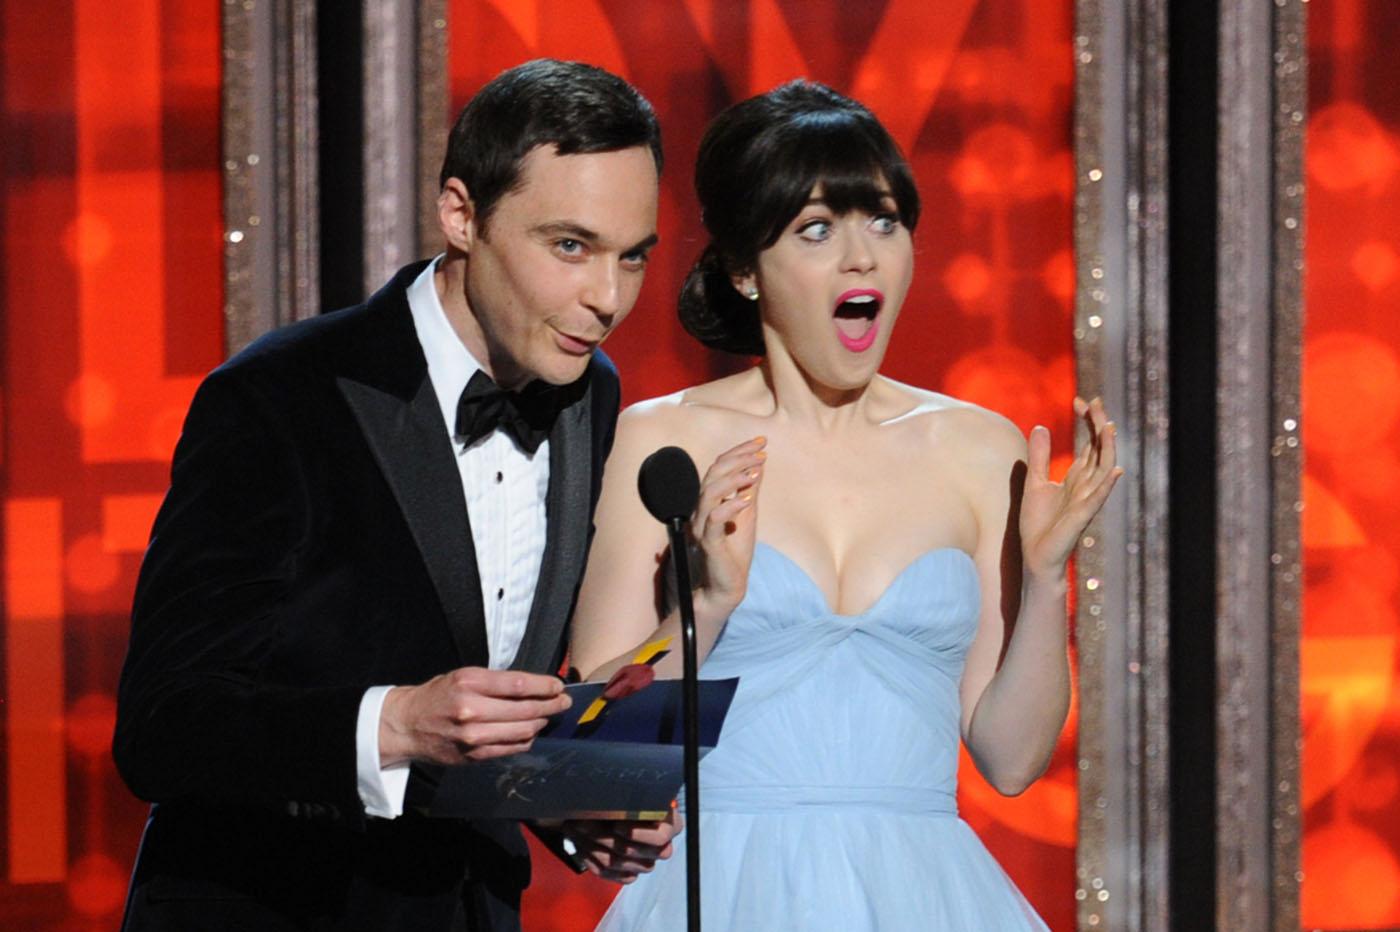 http://2.bp.blogspot.com/-hxG3R-xnE58/UGA-ookSwOI/AAAAAAAAKAI/wX7OESl4Z2k/s1600/zooey-deschanel-2012-emmy-awards-red-carpet-09232012-05.jpg